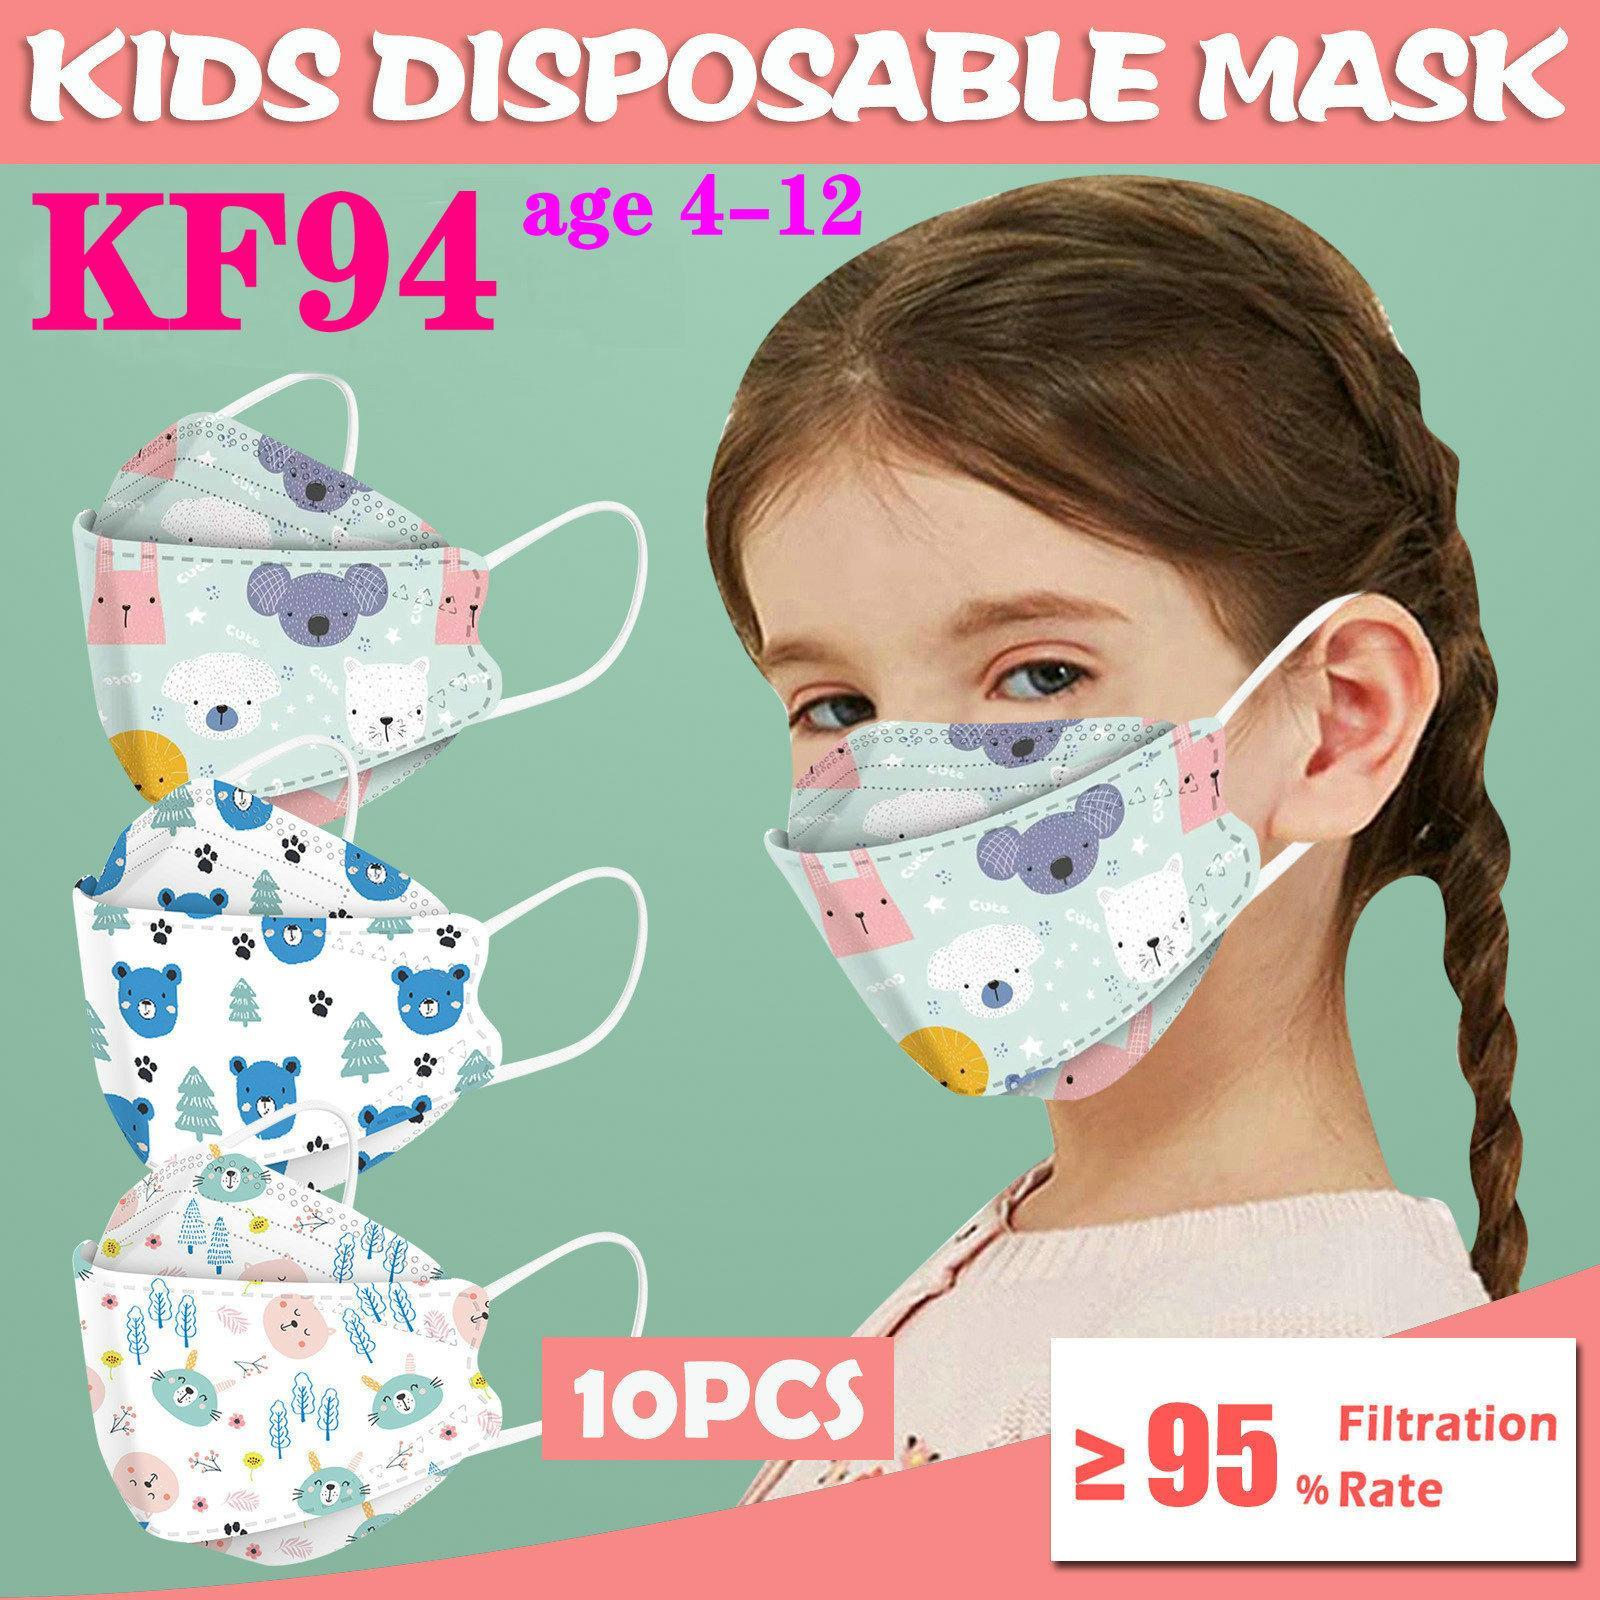 KF94 KN995 per Kid Designer carino stampa maschera viso protezione antipolvere di protezione del salice filtro respiratore FFP2 certificazione CE 10pcs / pack DHL nave in 12 ore